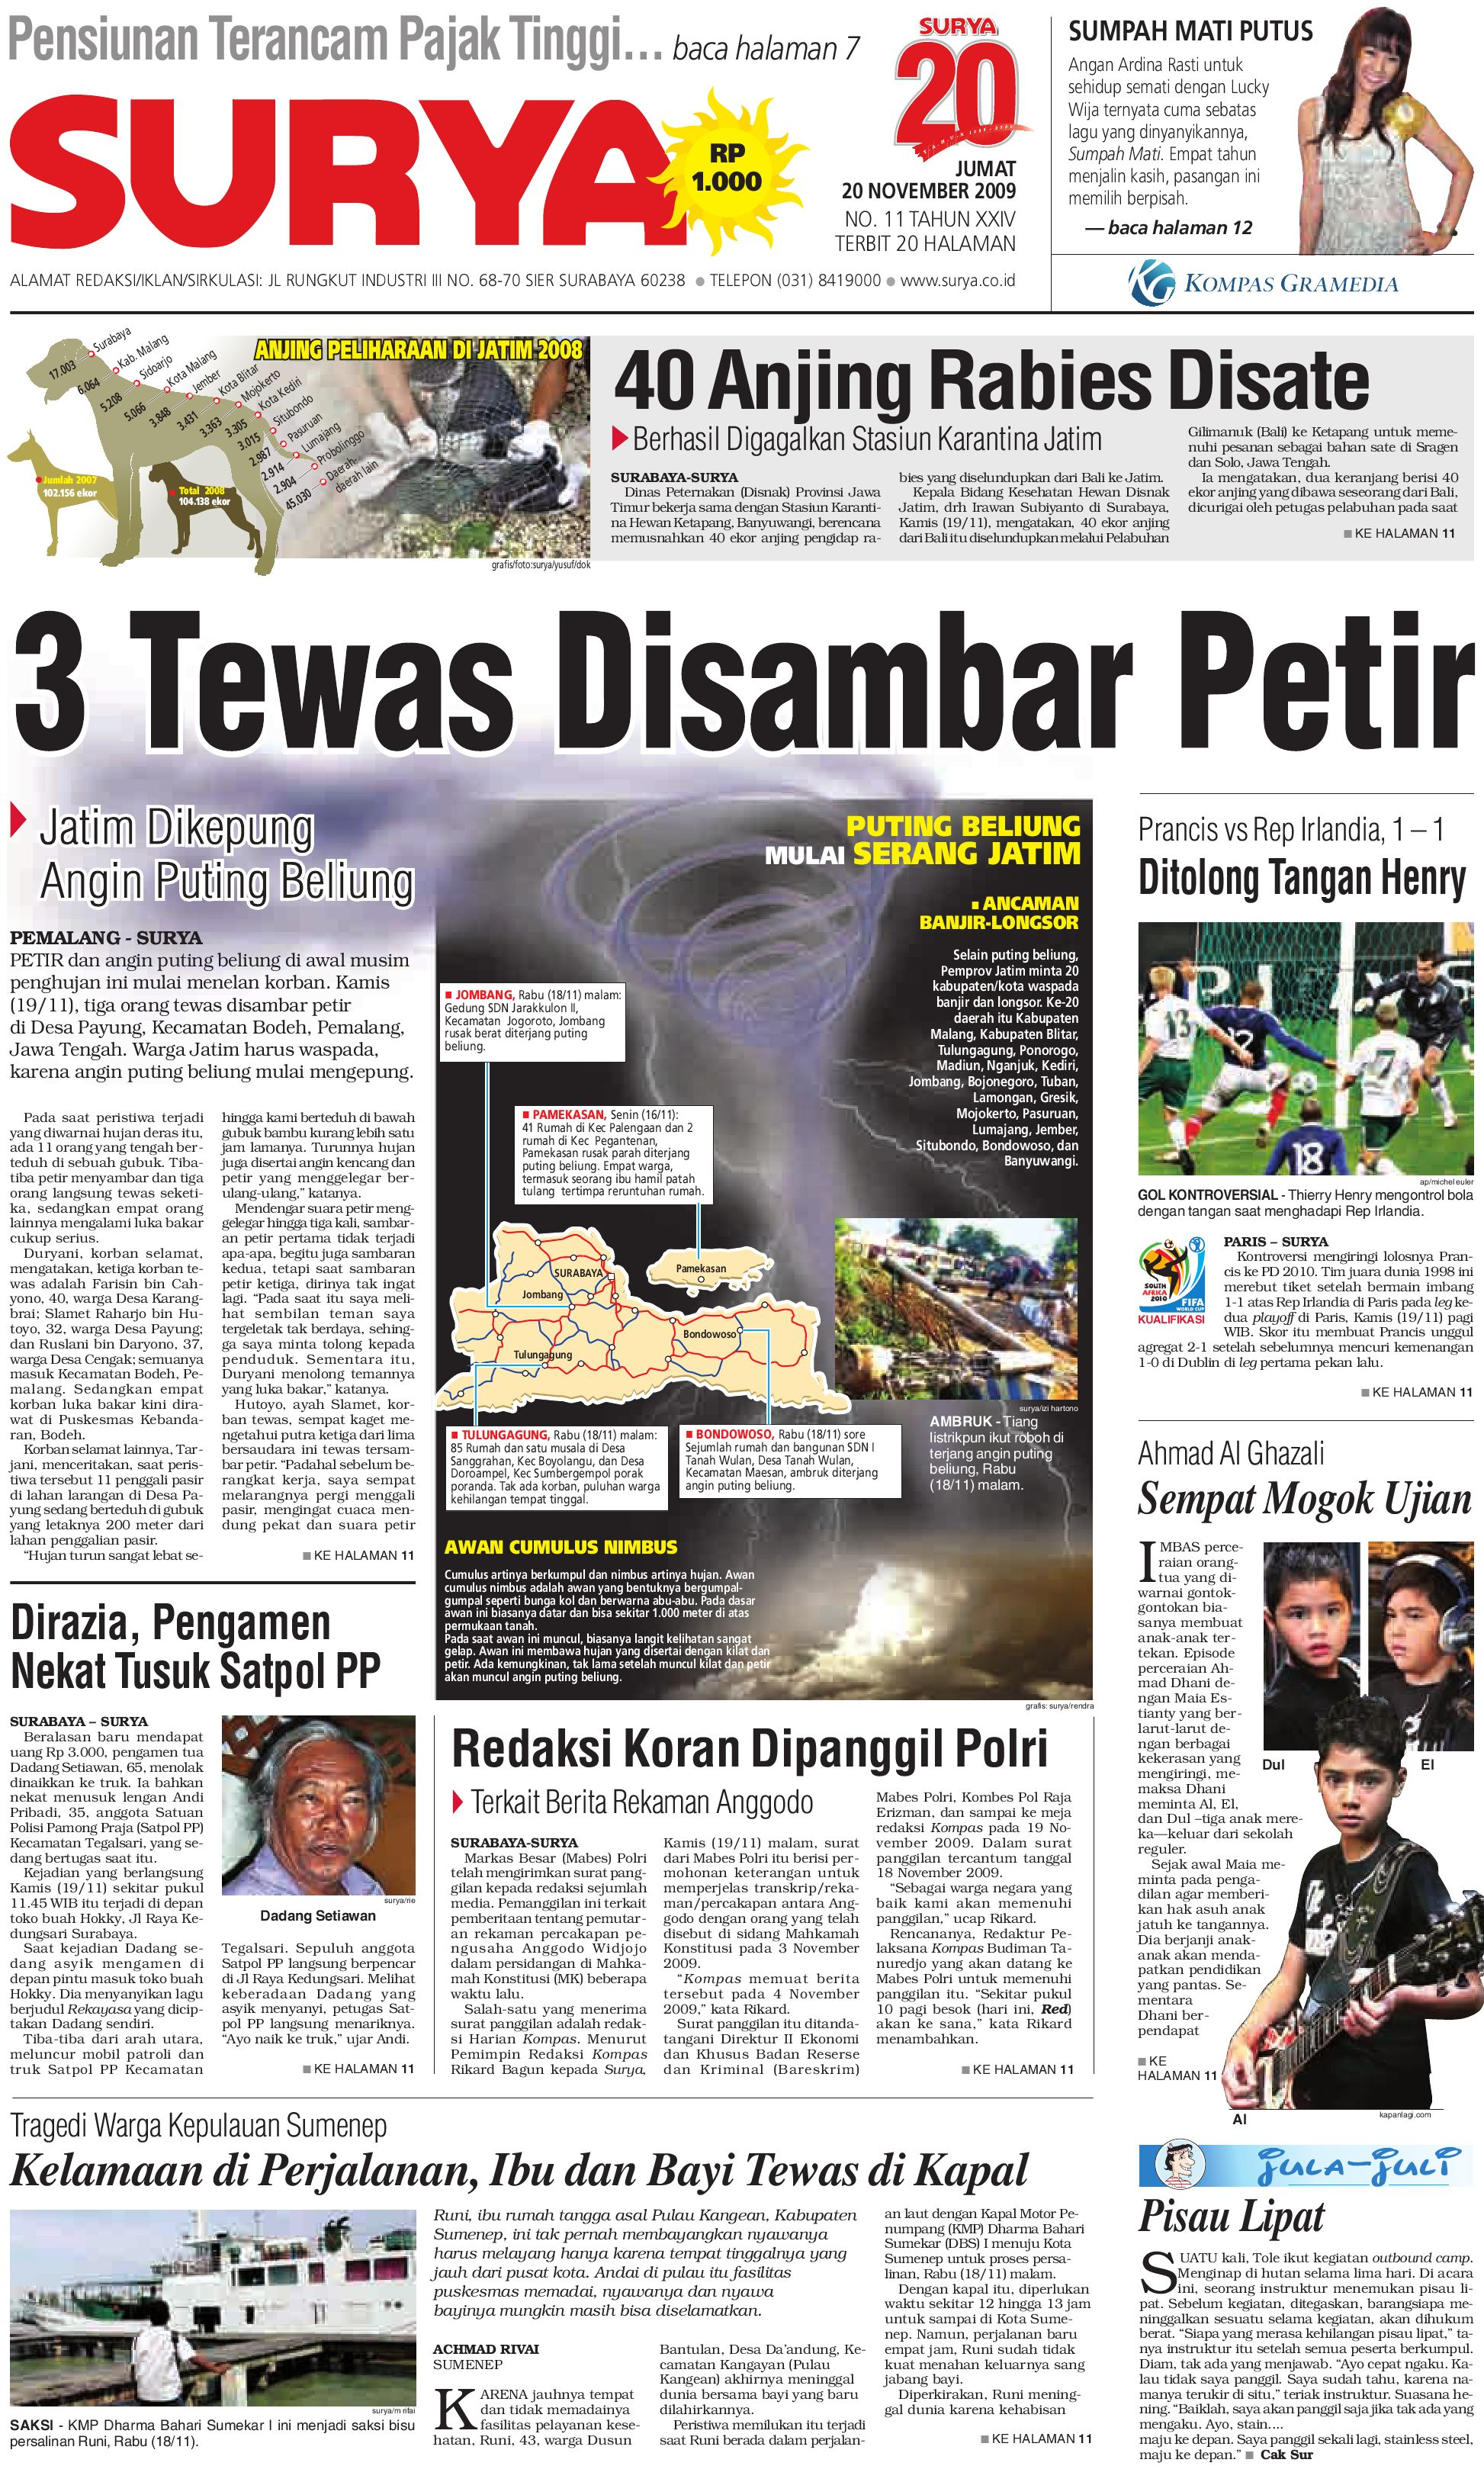 e paper surya edisi 16 februari 2013 by harian surya issuu